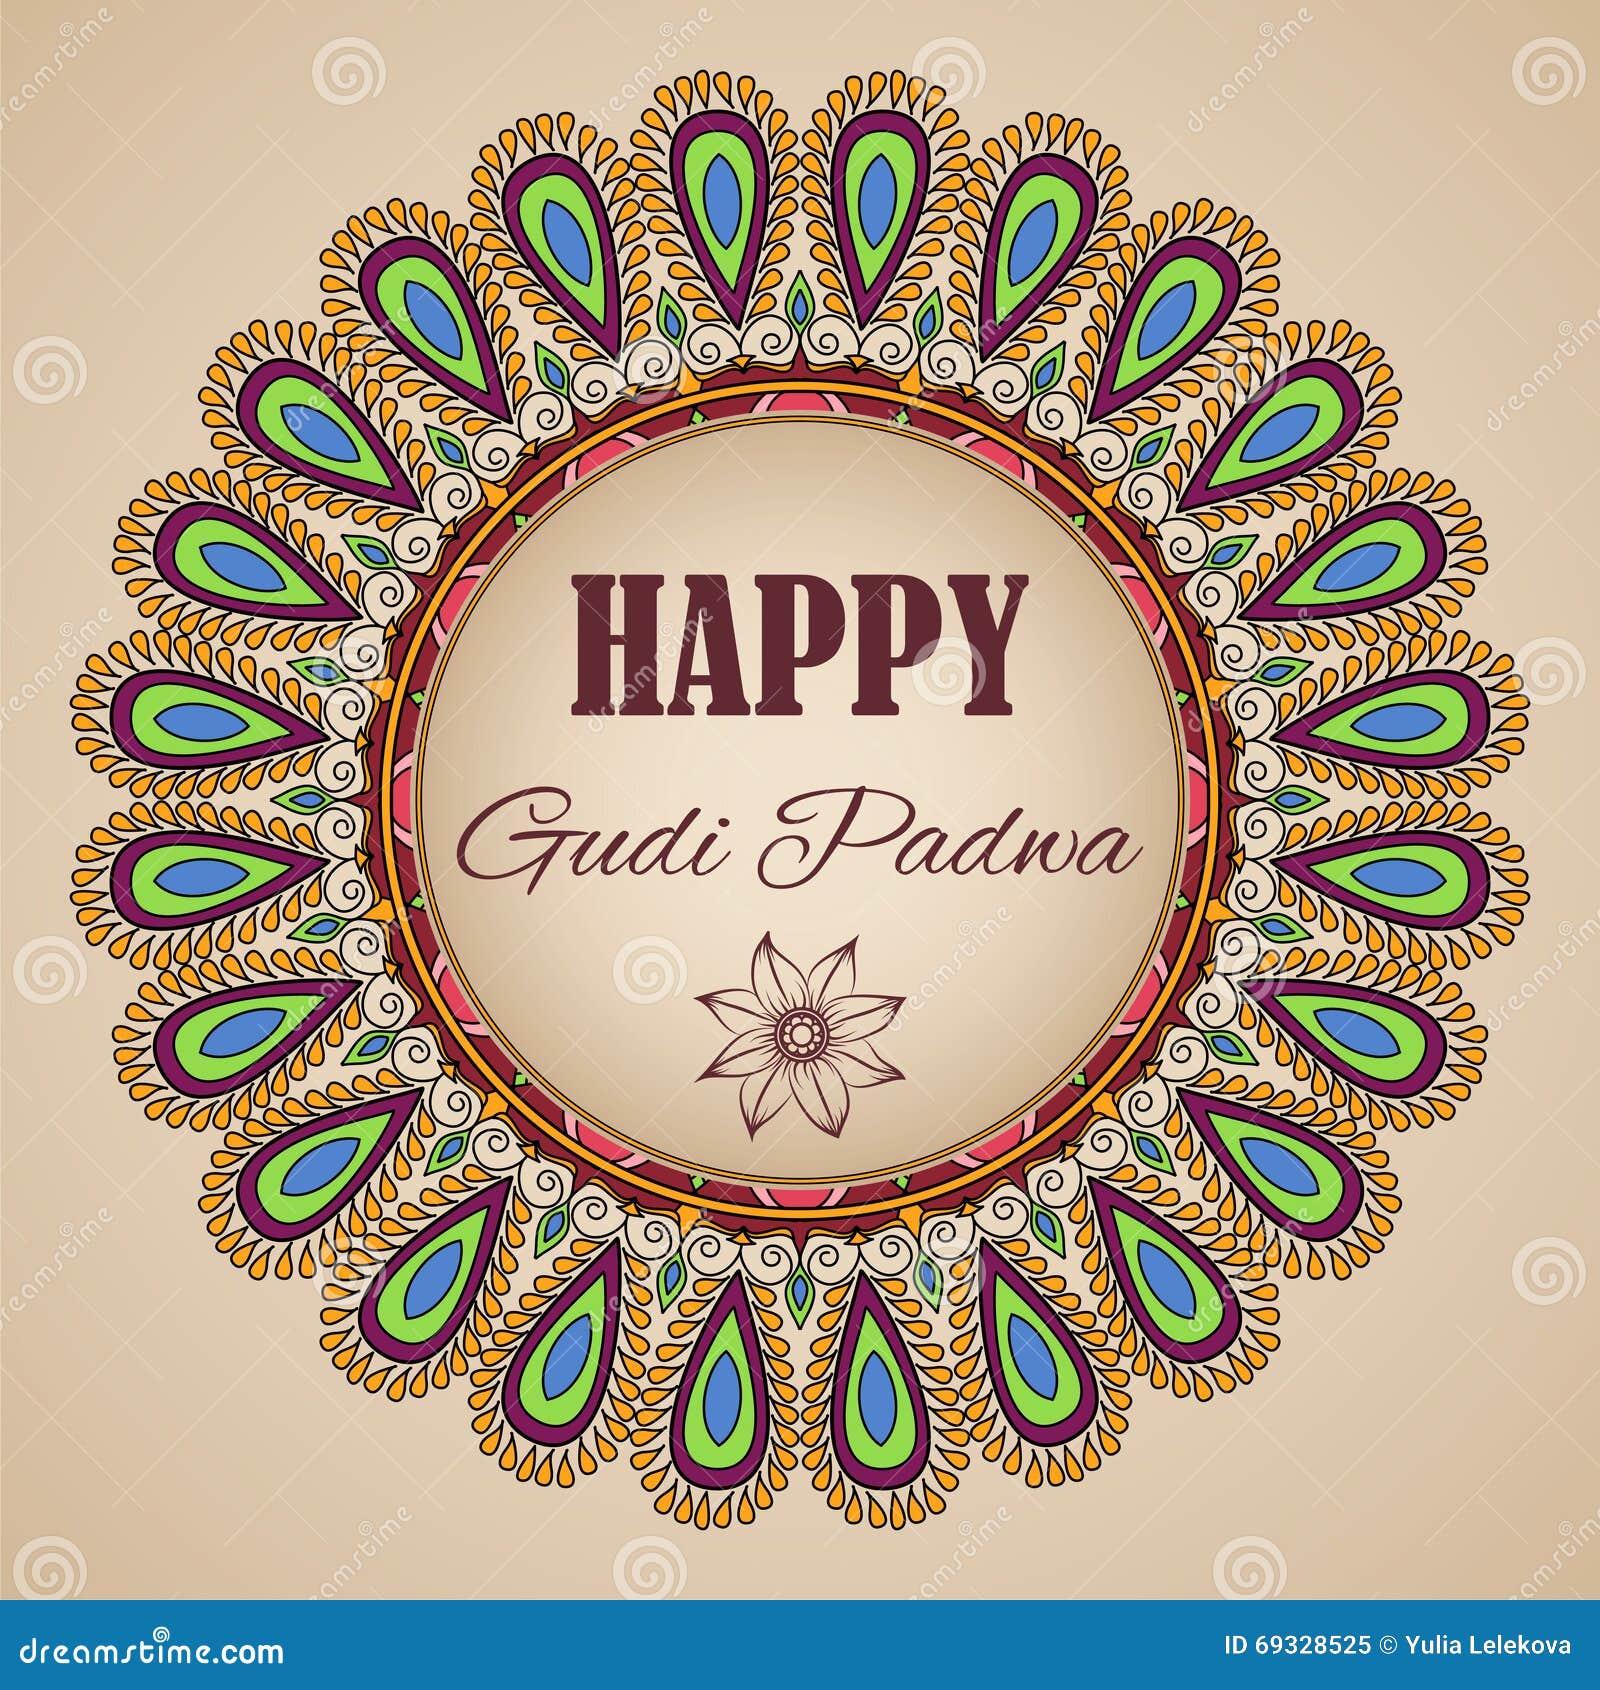 Happy Gudi Padwa Vector Greeting Card With Floral Mandala Frame